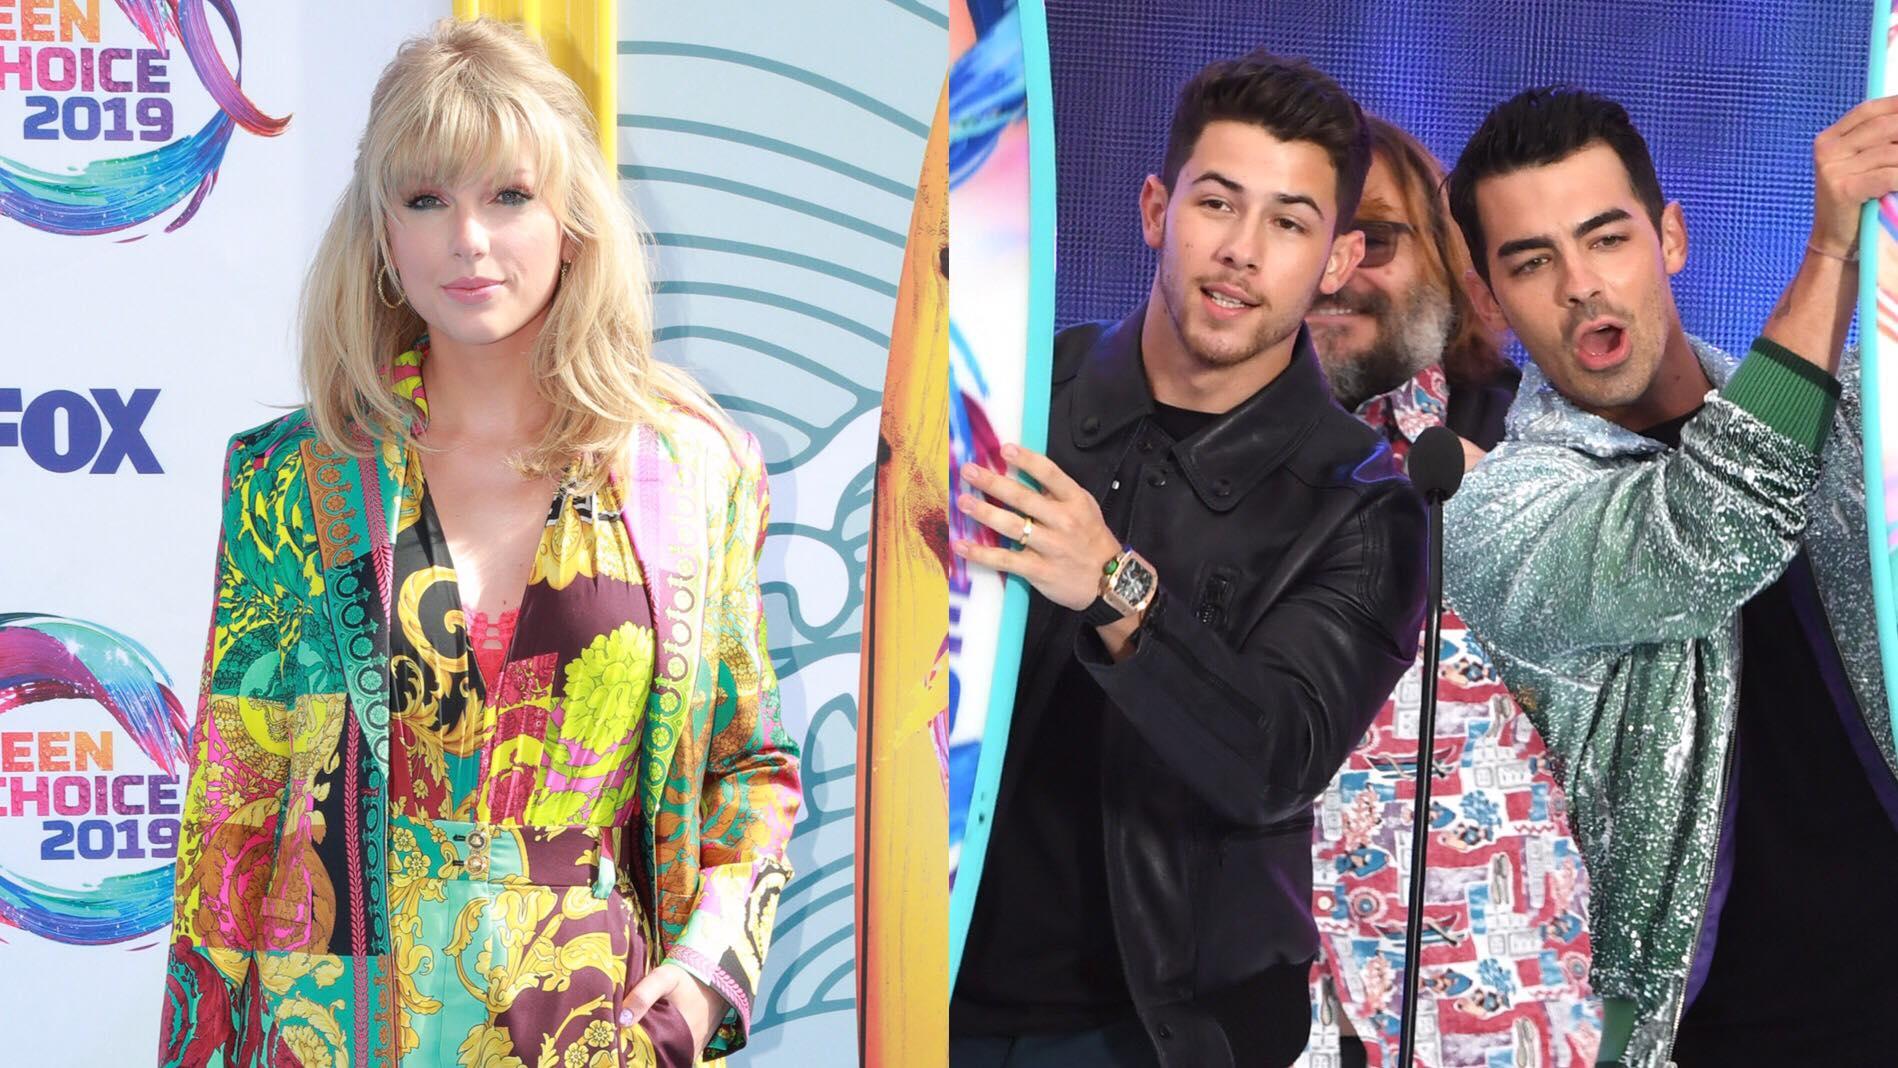 Teen Choice Awards 2019 - Vingadores Ultimato e Riverdale são os grandes vencedores da noite de premiação 2